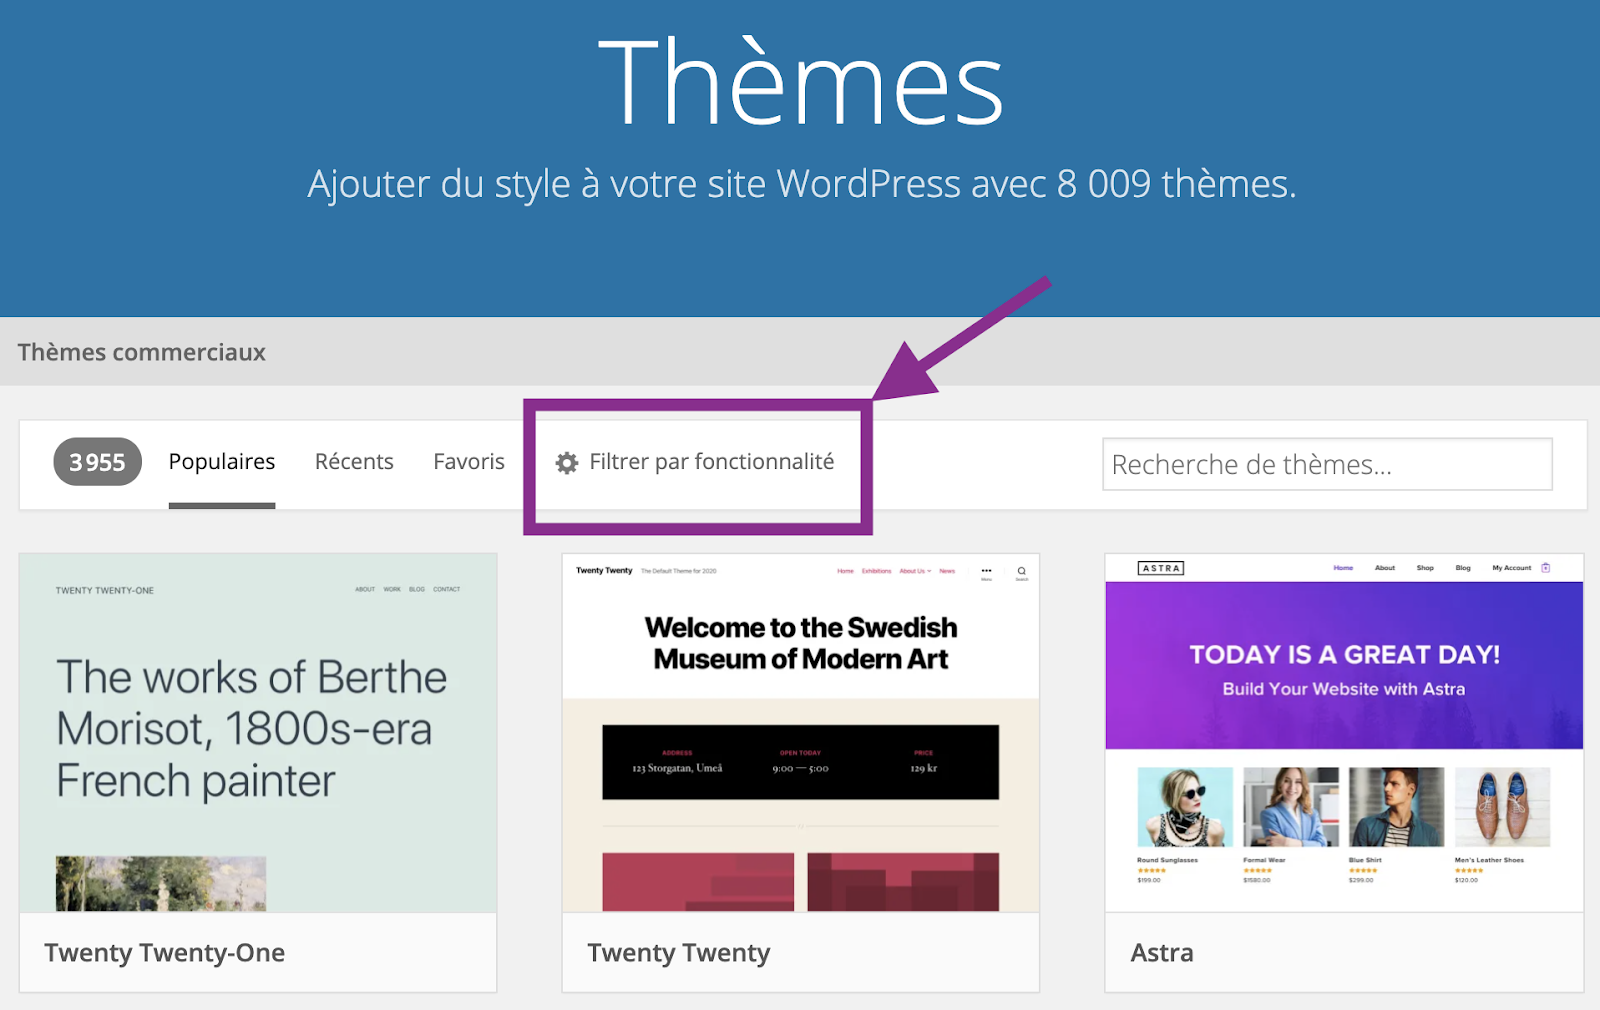 Capture d'écran de la page d'accueil des thèmes sur wordpress.org